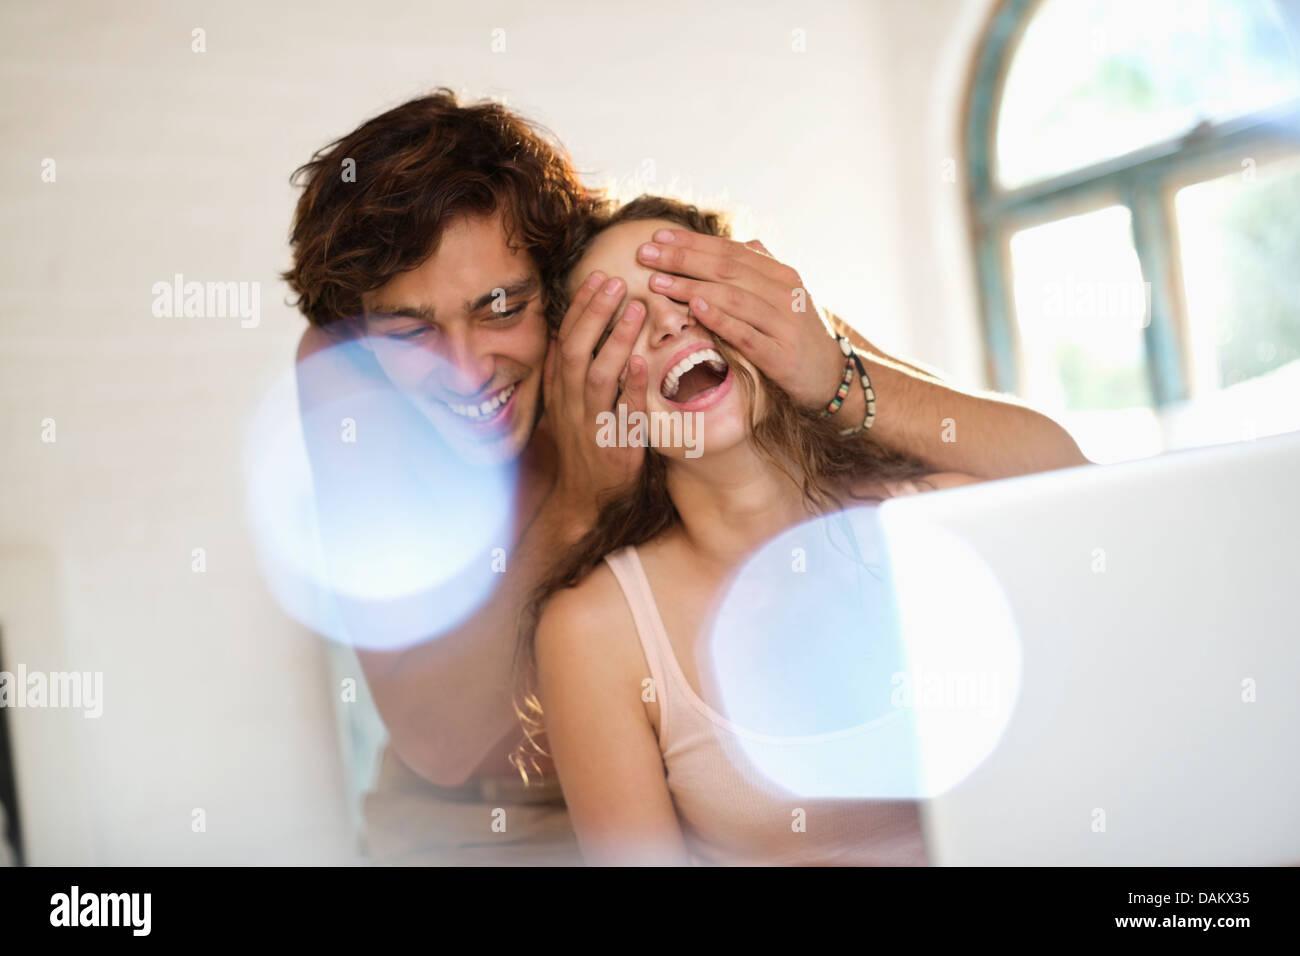 El hombre que cubren los ojos de la novia en el interior Imagen De Stock